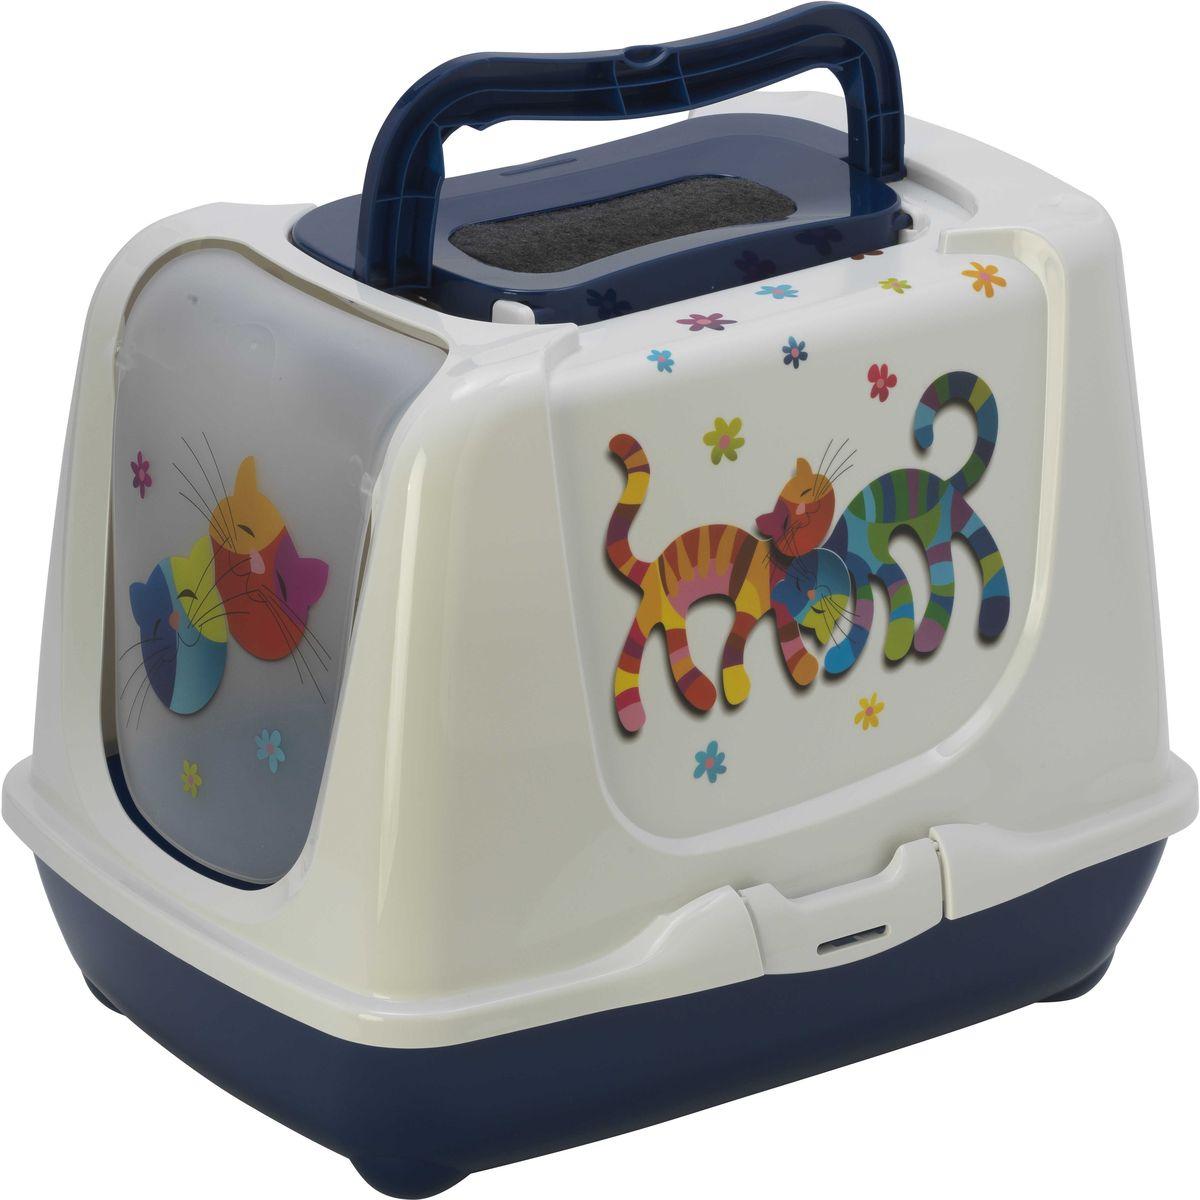 Туалет для кошек Moderna Trendy Cat. Друзья навсегда, закрытый, цвет: черничный, 50 х 39,5 х 37,5 см14C235331Закрытый туалет для кошек Trendy Cat. Друзья навсегда выполнен из высококачественного пластика. Туалет оснащен прозрачной открывающейся дверцей, сменным фильтром и удобной ручкой для переноски. Такой туалет избавит ваш дом от неприятного запаха и разбросанных повсюду частичек наполнителя. Кошка в таком туалете будет чувствовать себя увереннее, ведь в этом укромном уголке ее никто не увидит. Кроме того, яркий дизайн с легкостью впишется в интерьер вашего дома. Туалет легко открывается для чистки благодаря практичным защелкам по бокам.